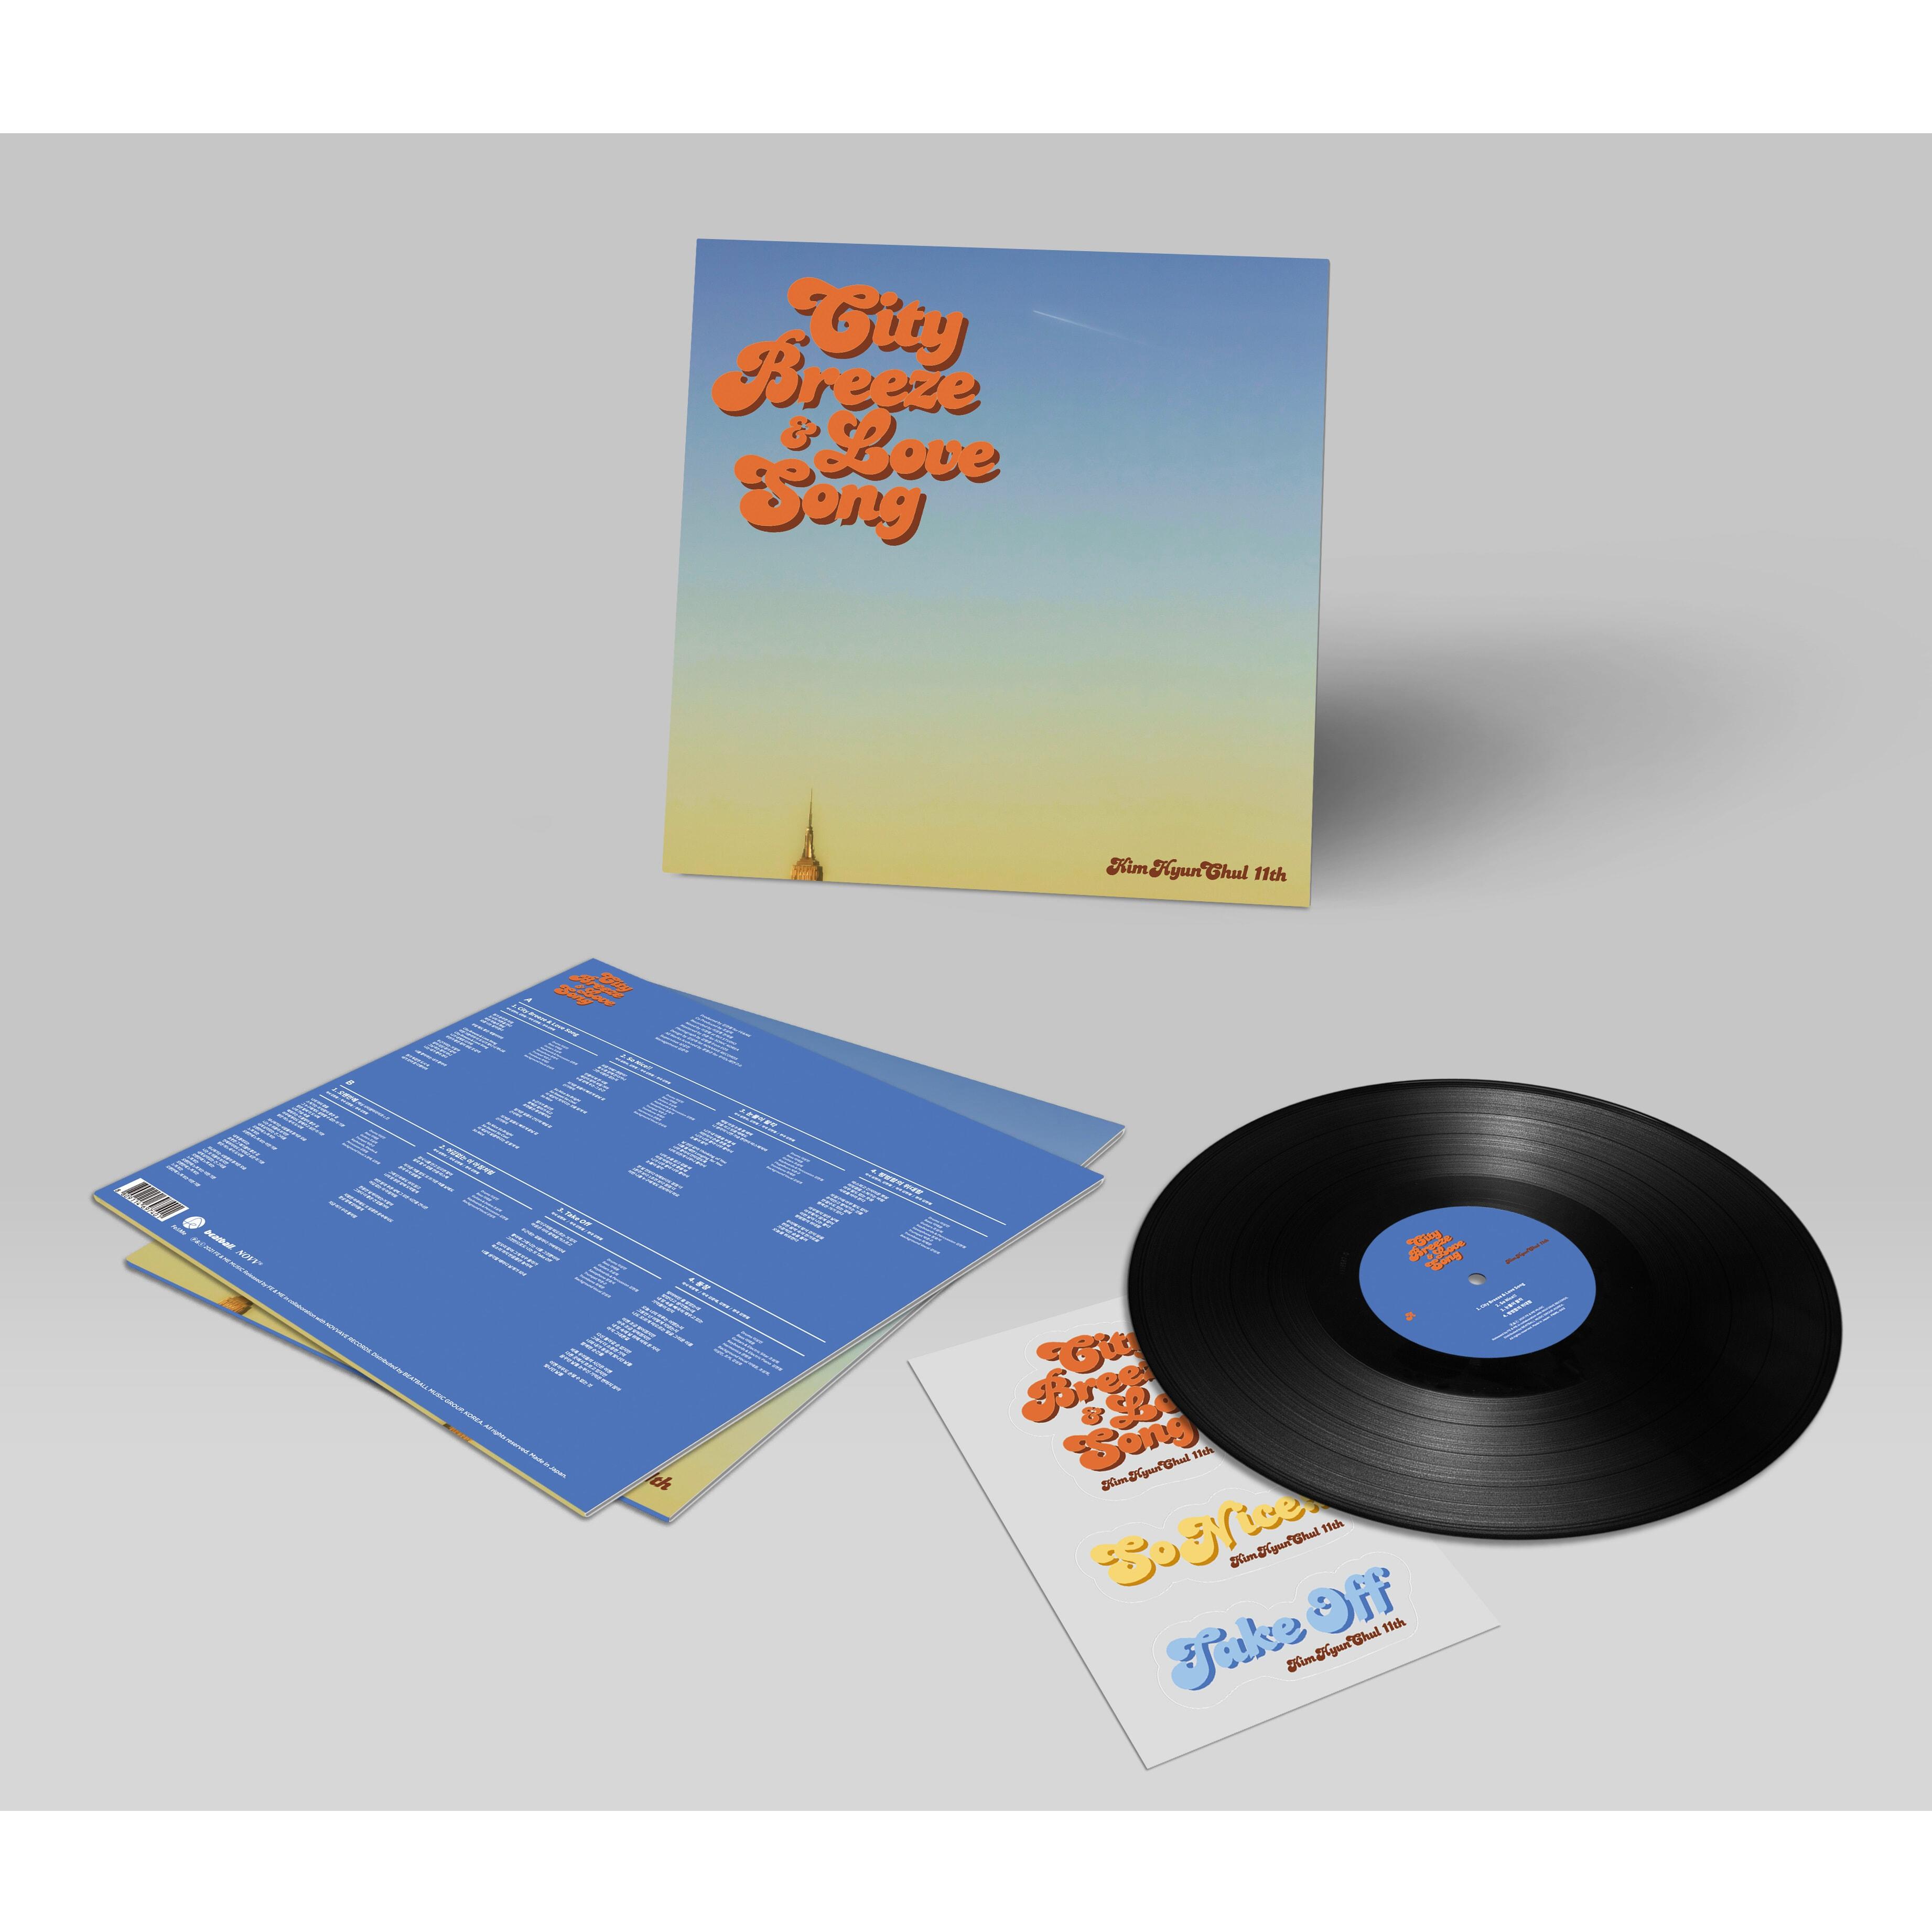 김현철 - 11집 City Breeze & Love Song [LP]